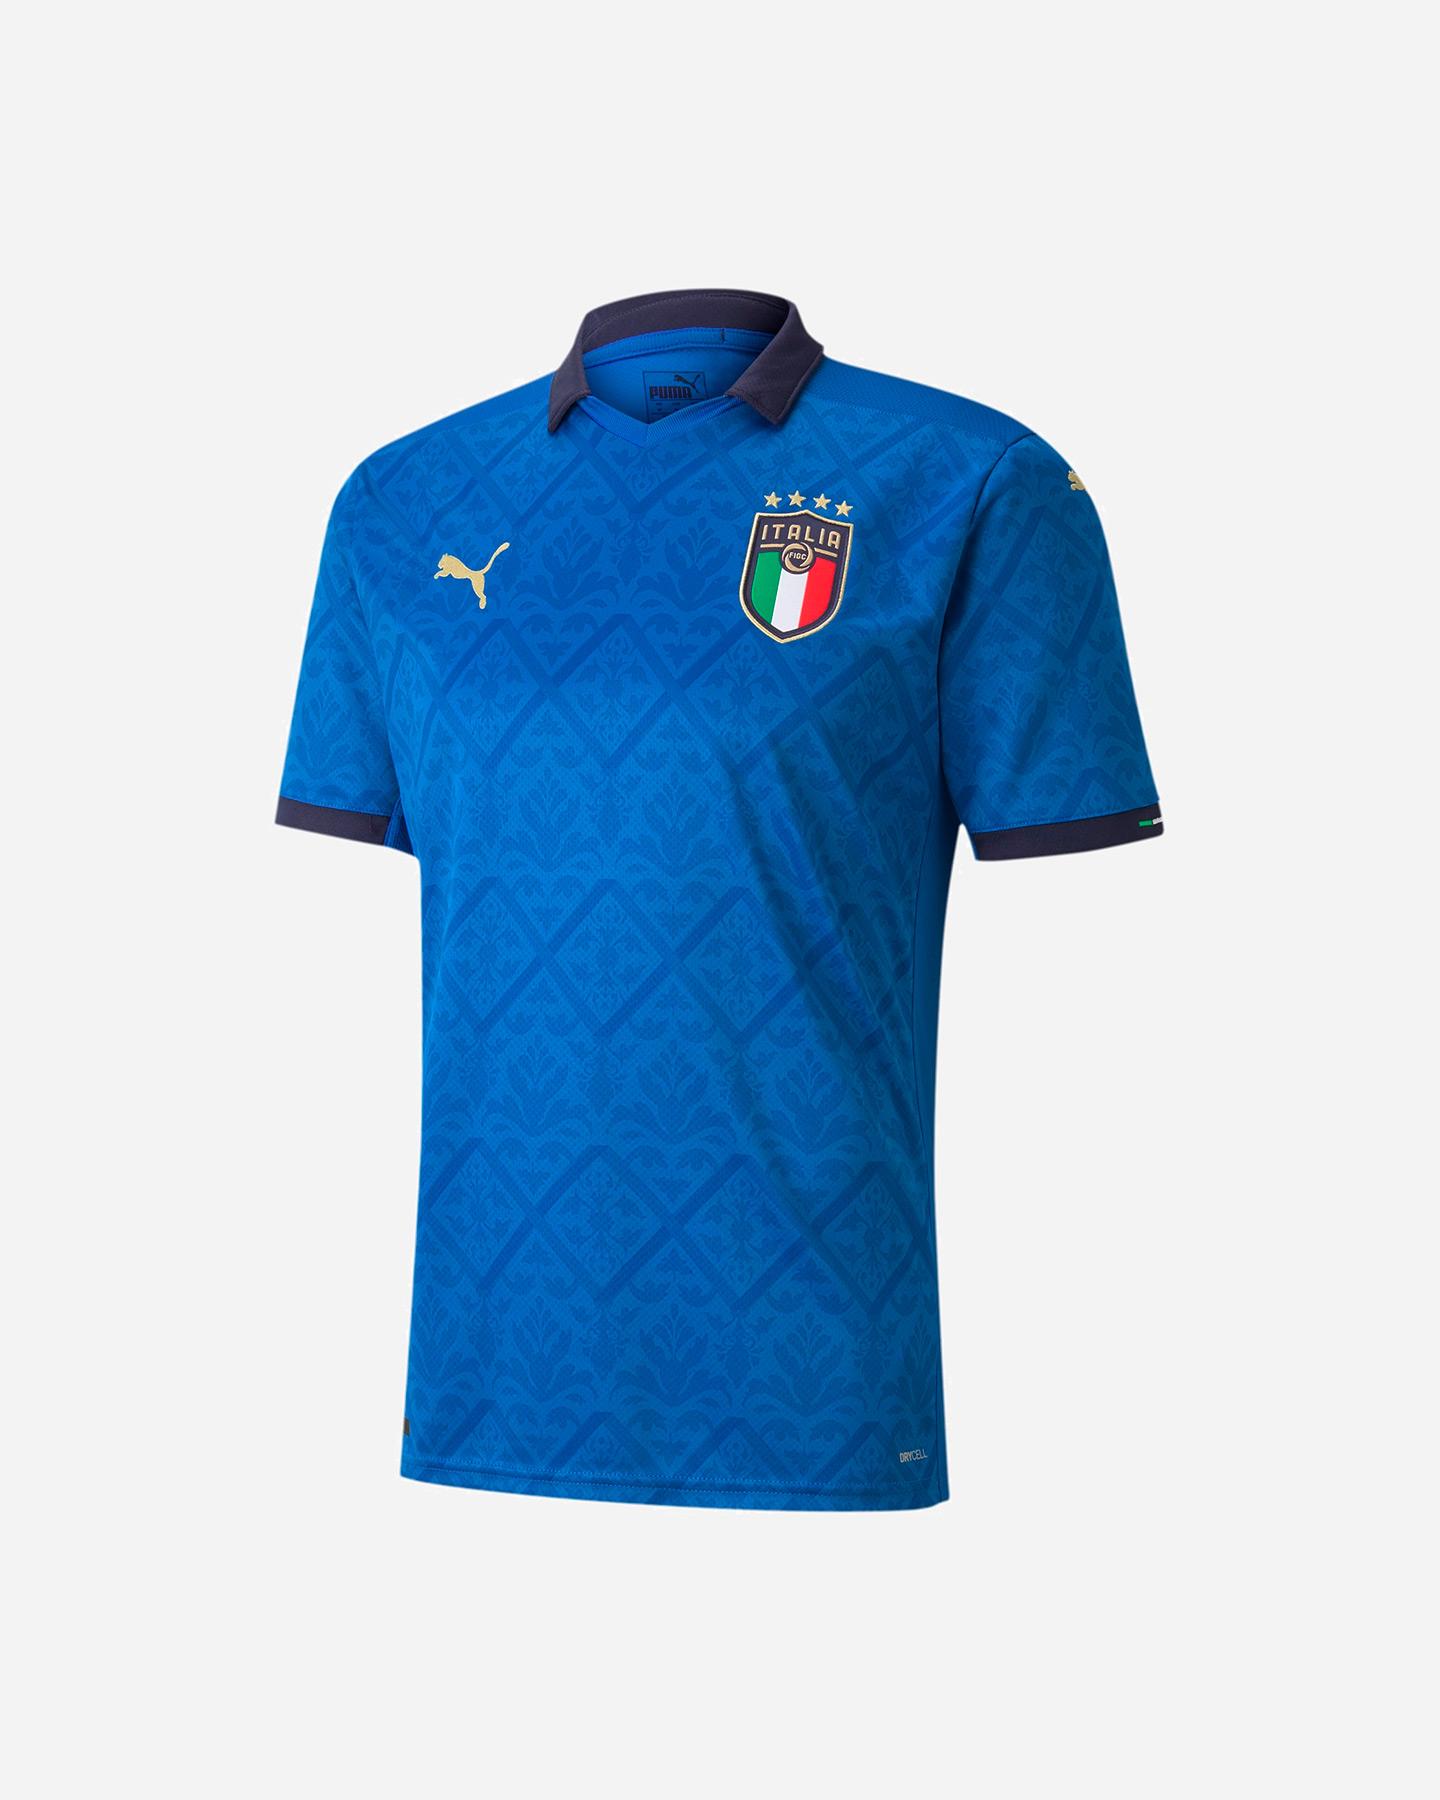 Puma - Italia Home 20 M - Maglia Calcio - Uomo